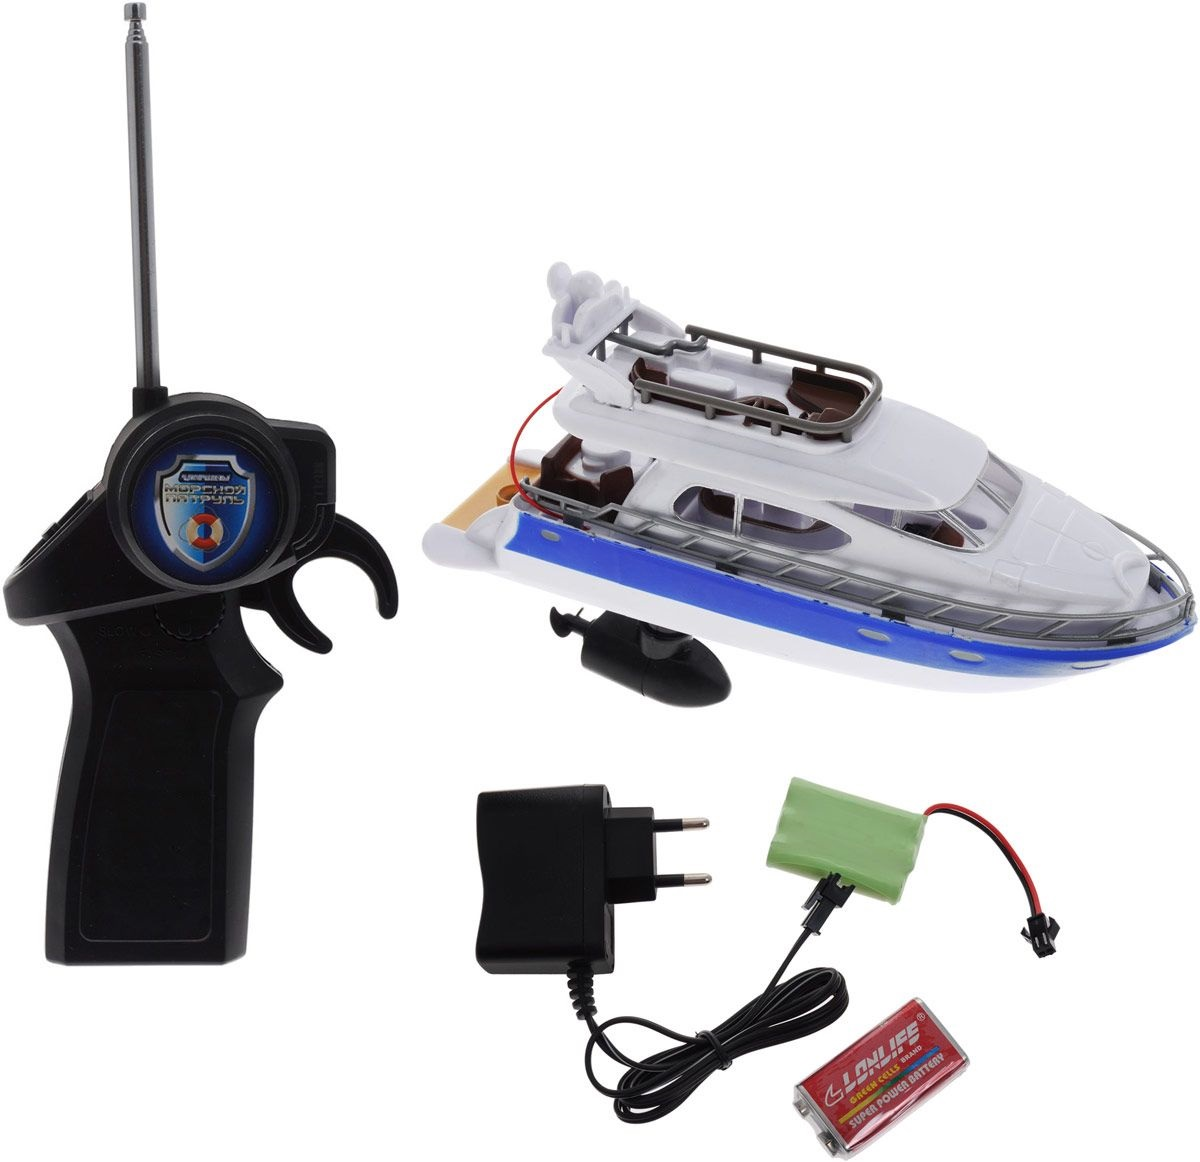 Катер радиоуправляемый Морской патруль